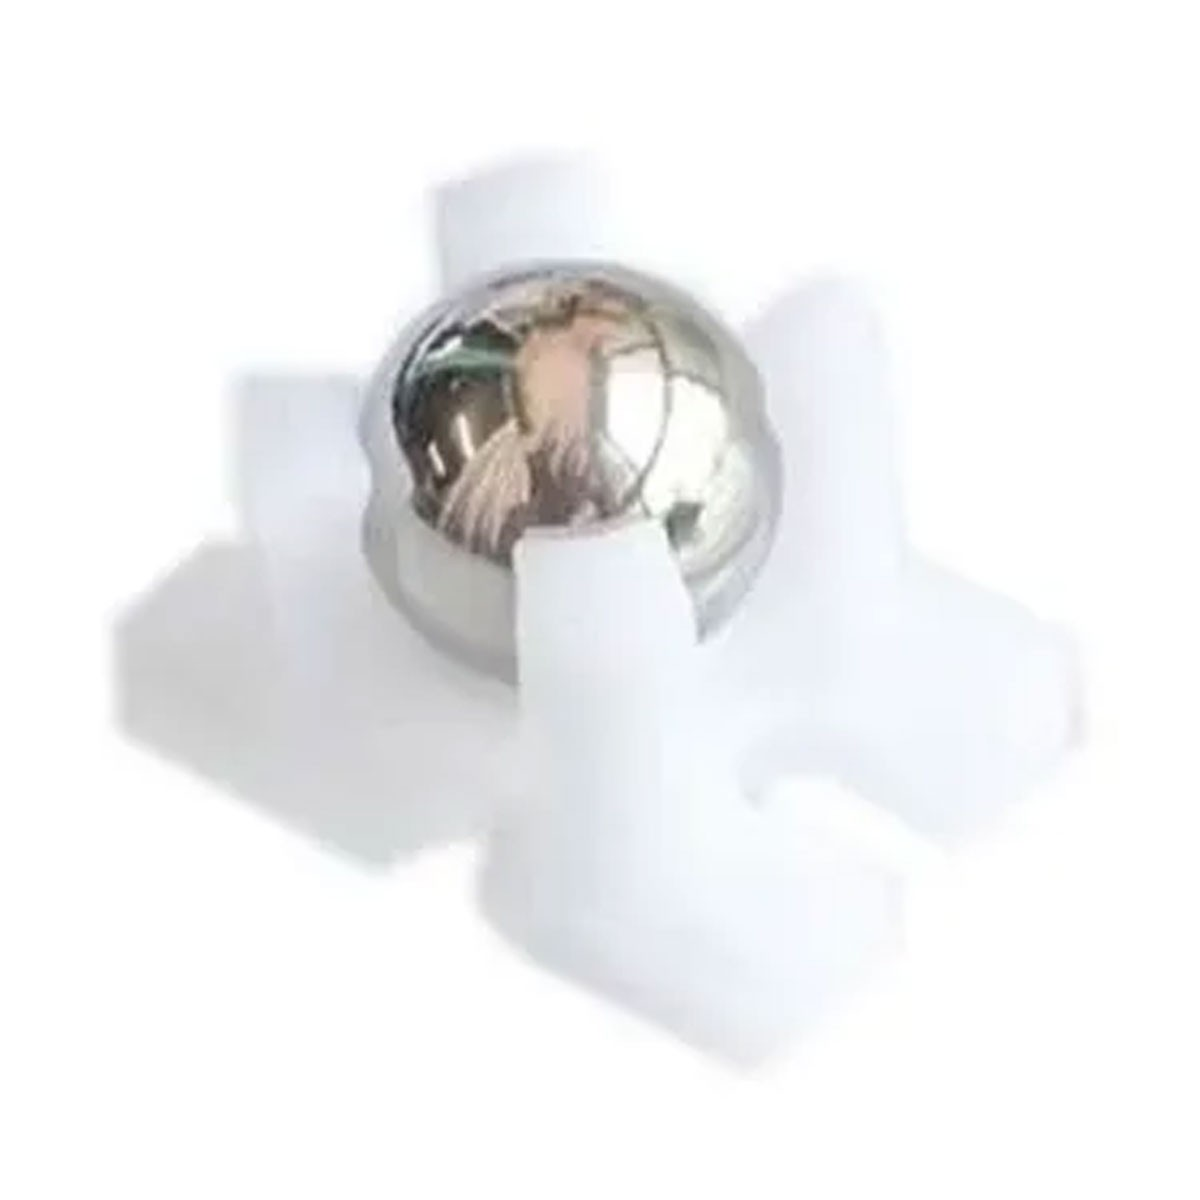 Mini Roda boba / Esfera giratória 12mm para Chassi de Carrinho / Robô